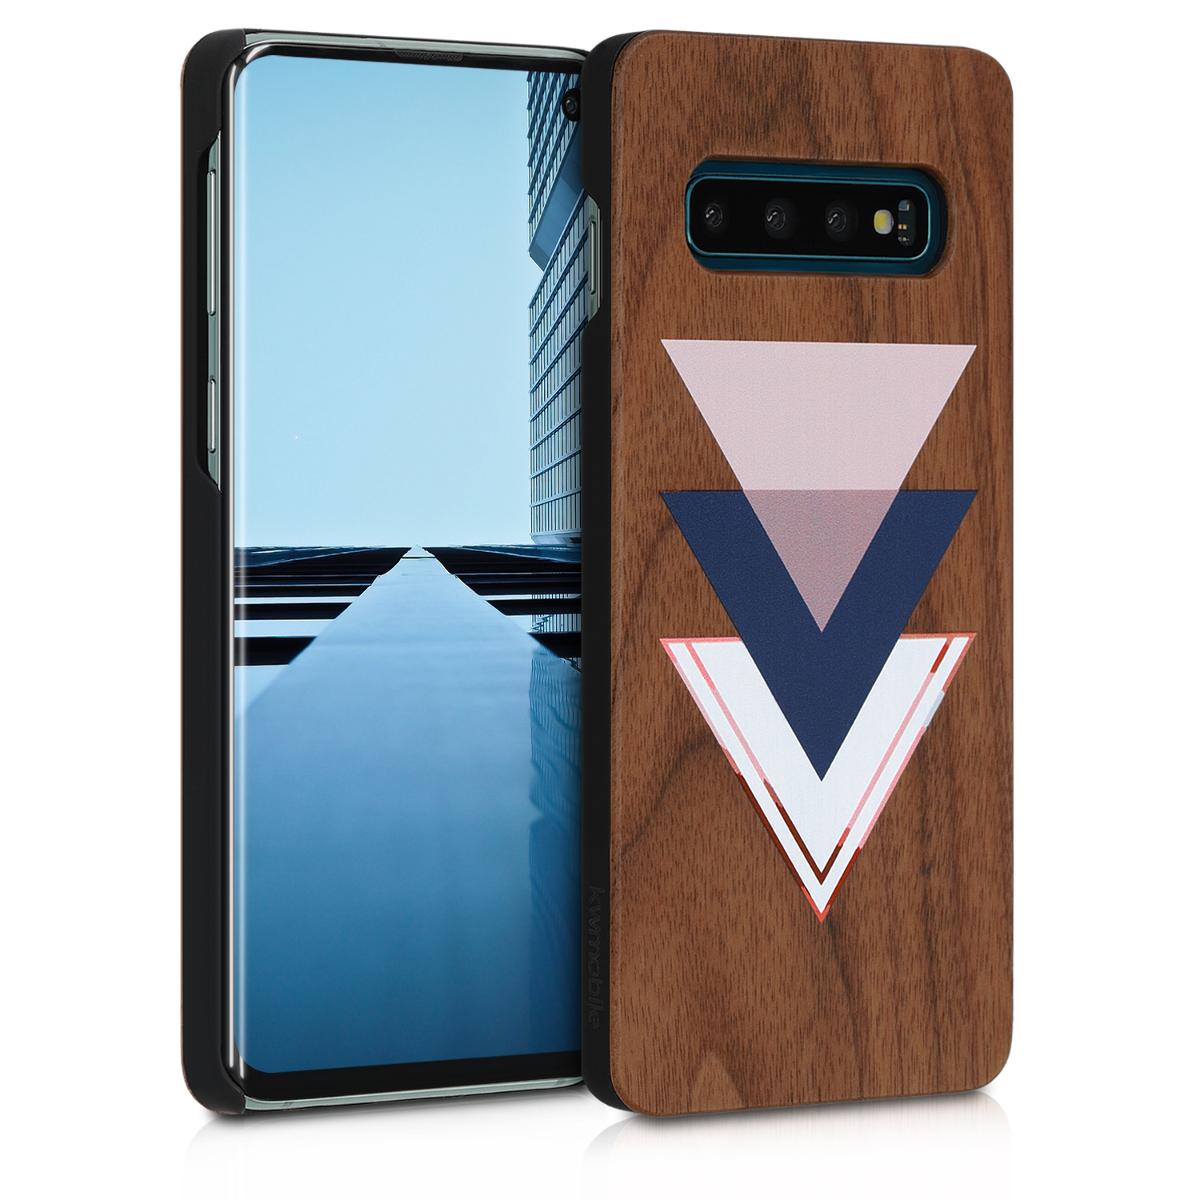 Samsung Galaxy S10 dřevěné pouzdro / obal